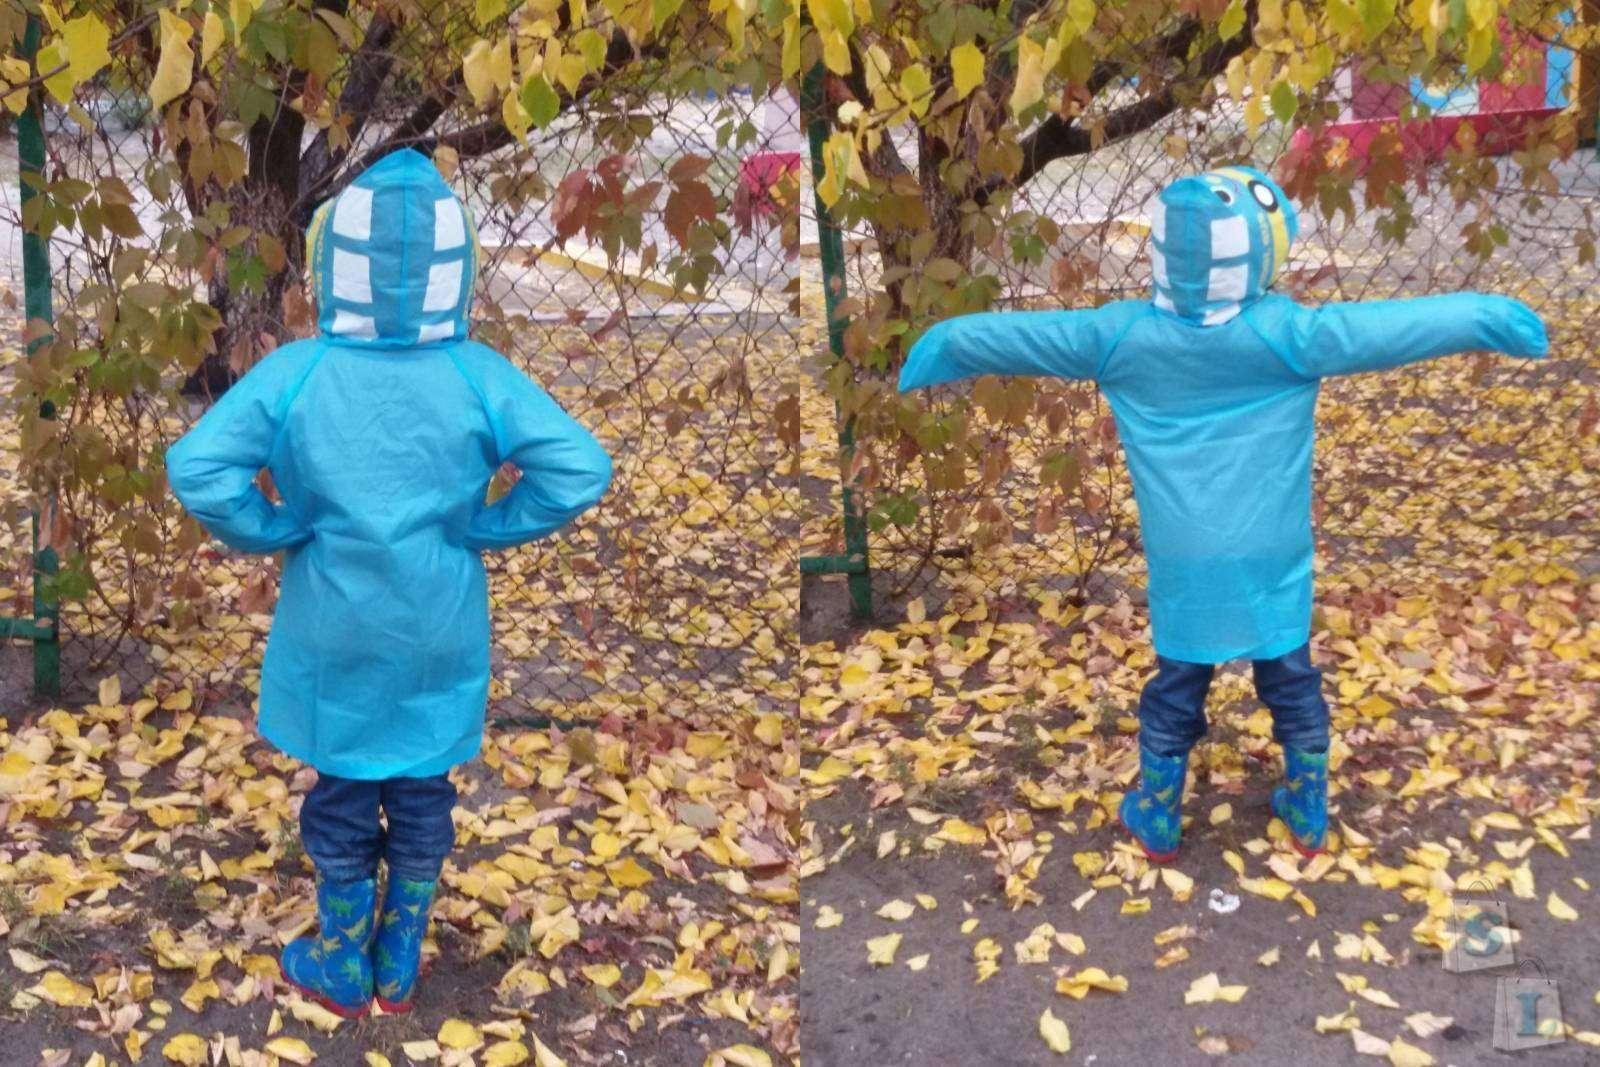 Aliexpress: Обзор детского яркого и прикольного дождевика